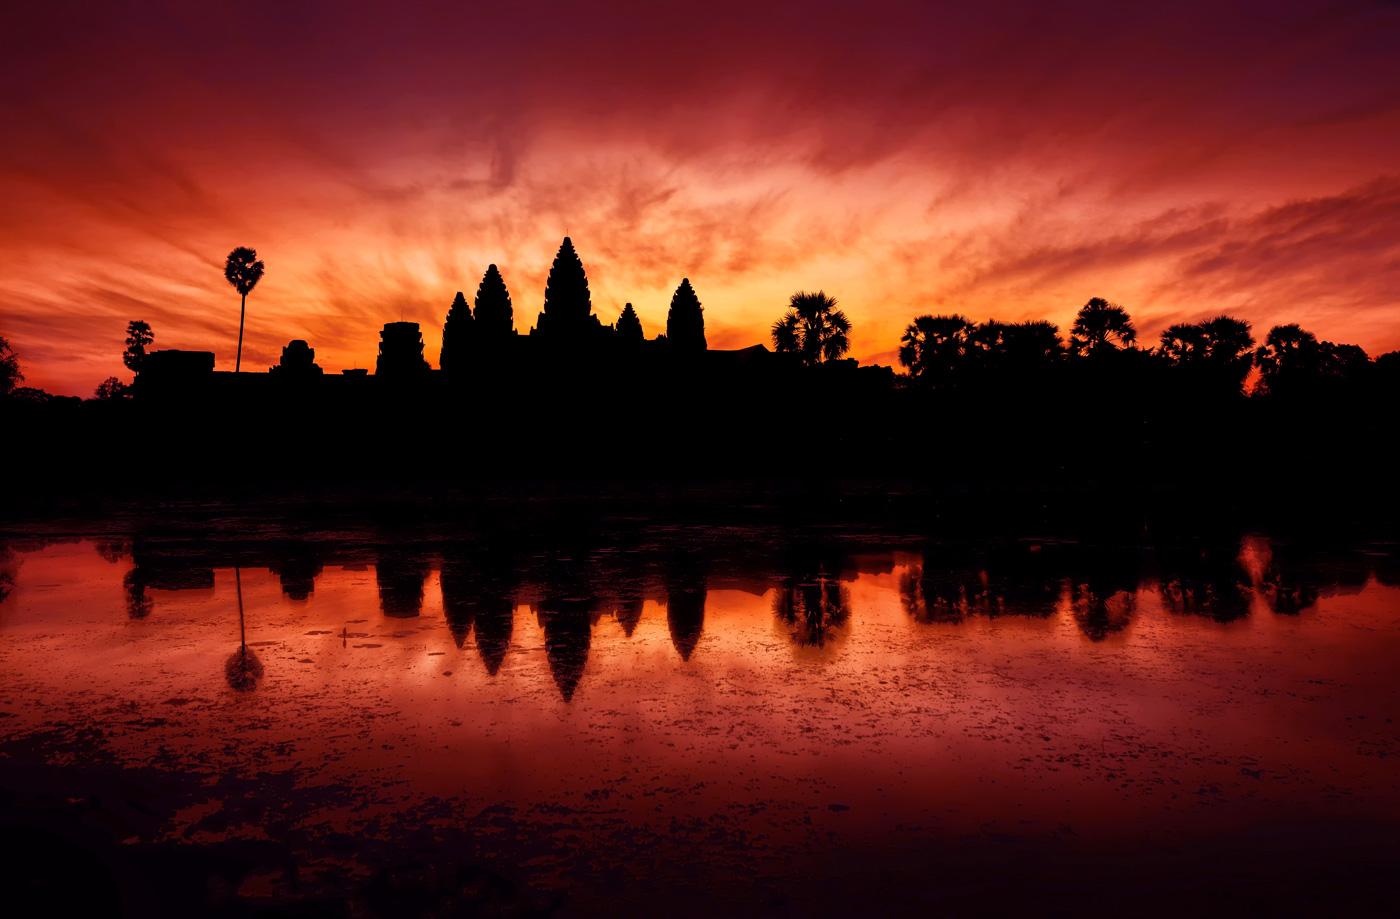 Ankor-Wat